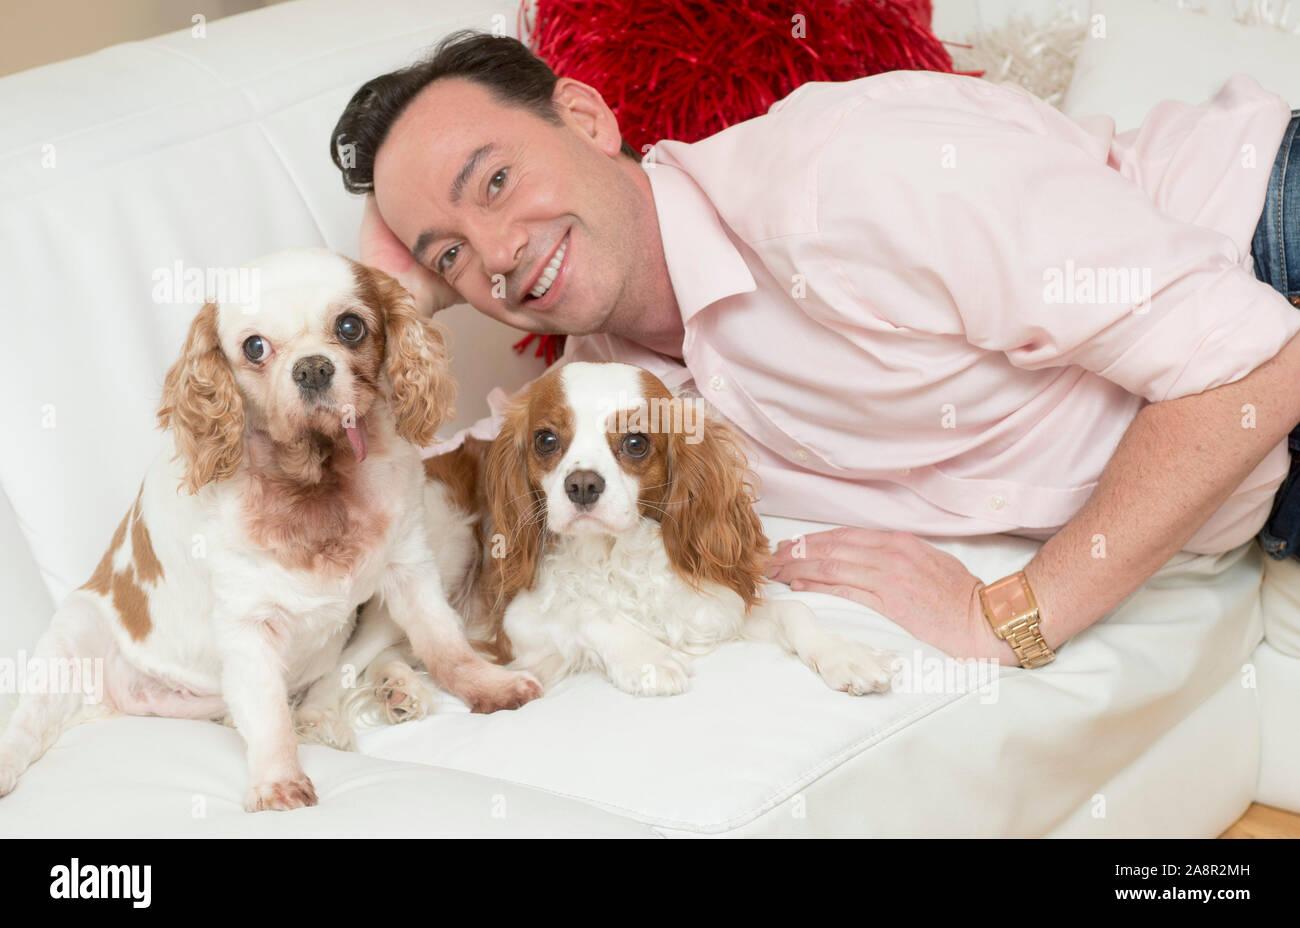 Estrictamente come dancing juez Craig Revel Horwood con sus dos King Charles épagneuls perros de rescate Sophie y Charlie en su casa Andover en Hampshire. Foto de stock